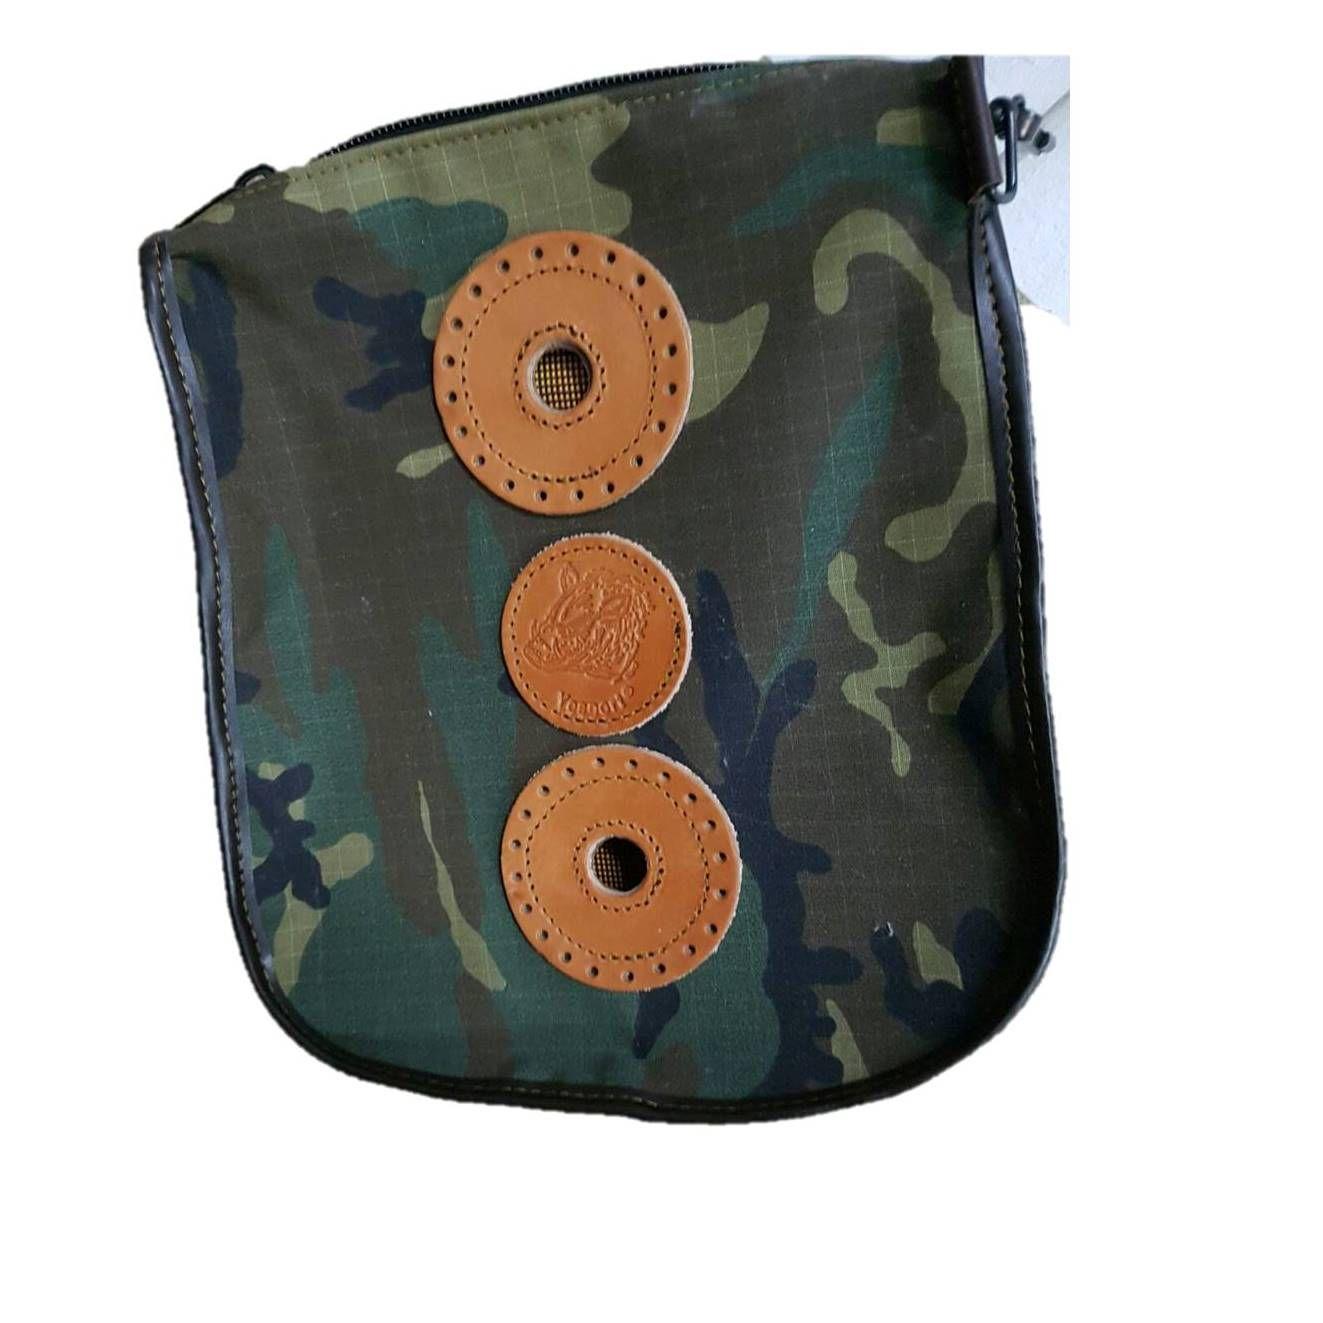 Bolsa cinturón transportín hurón en color camuflaje: Tienda online de Artículos de Caza